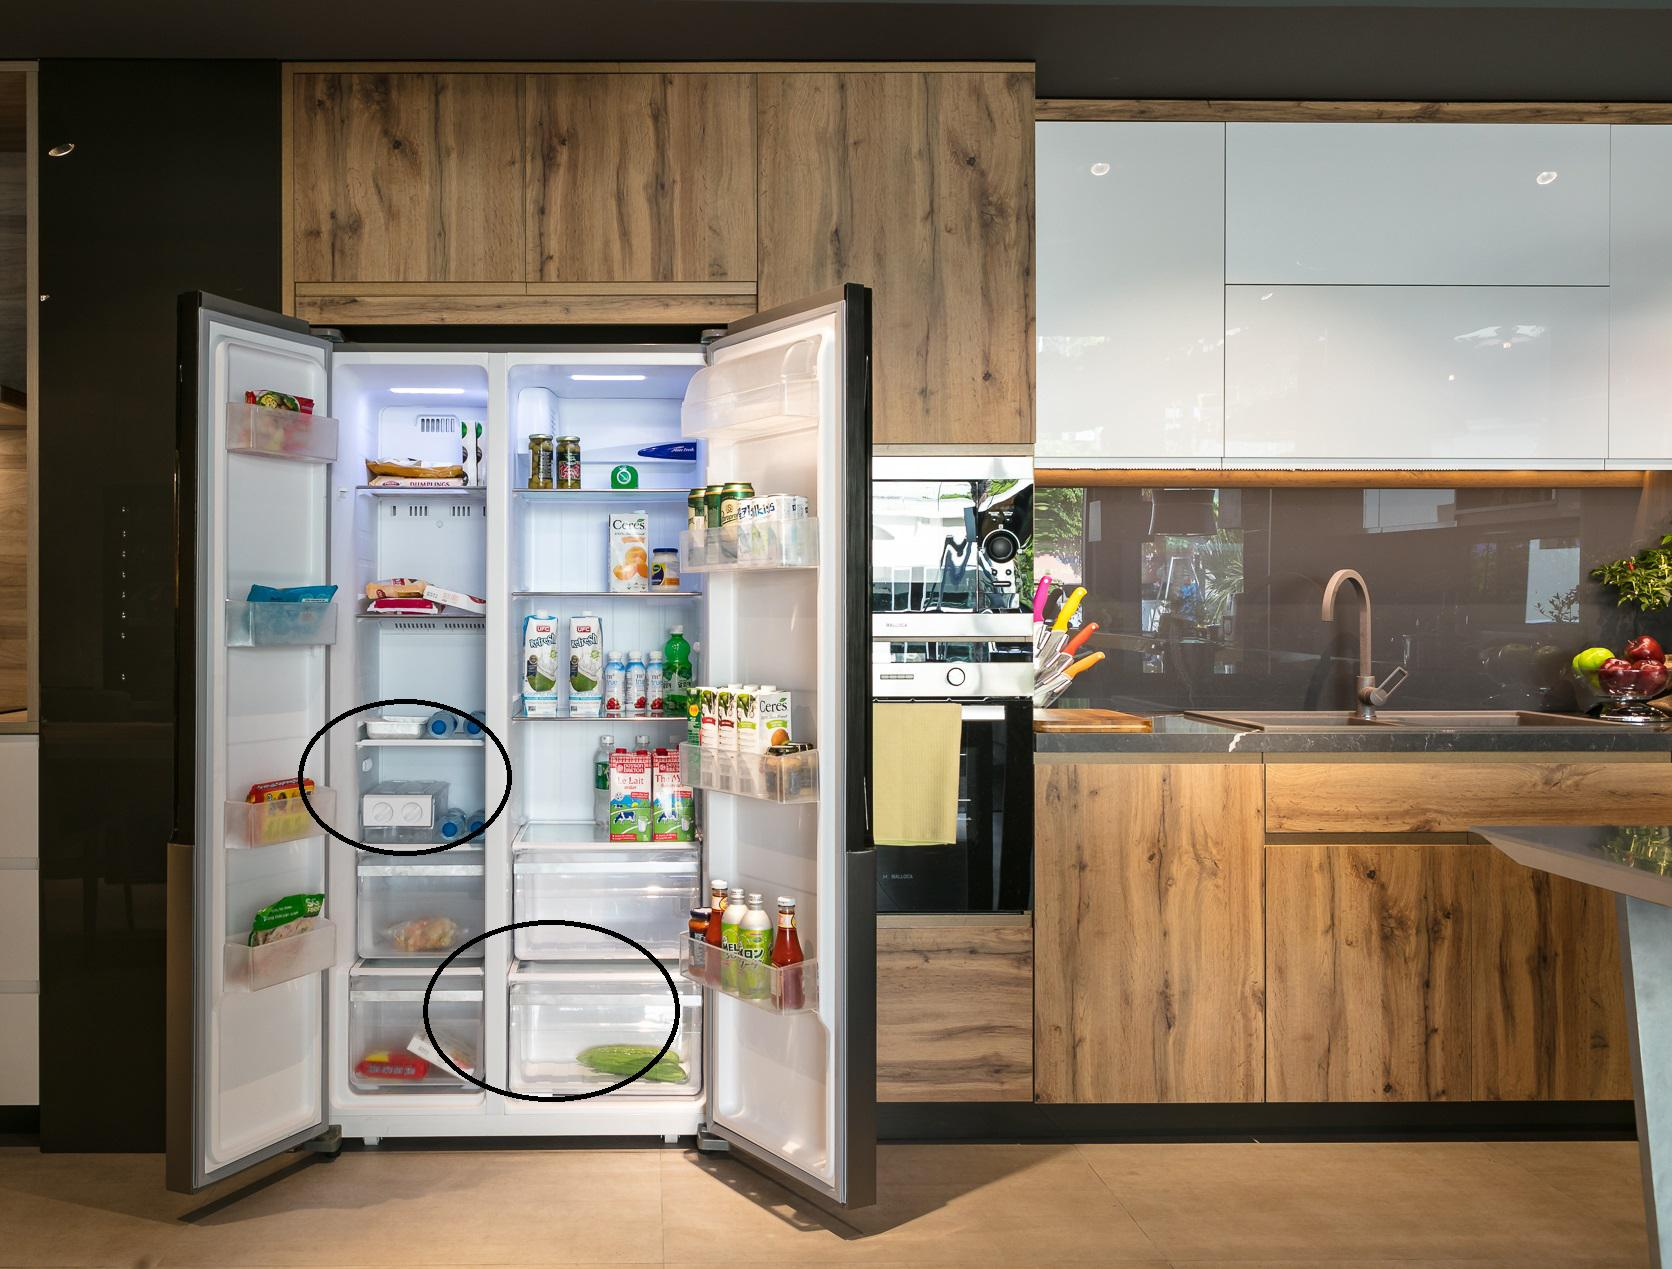 Tìm hiểu về tủ lạnh Side by Side